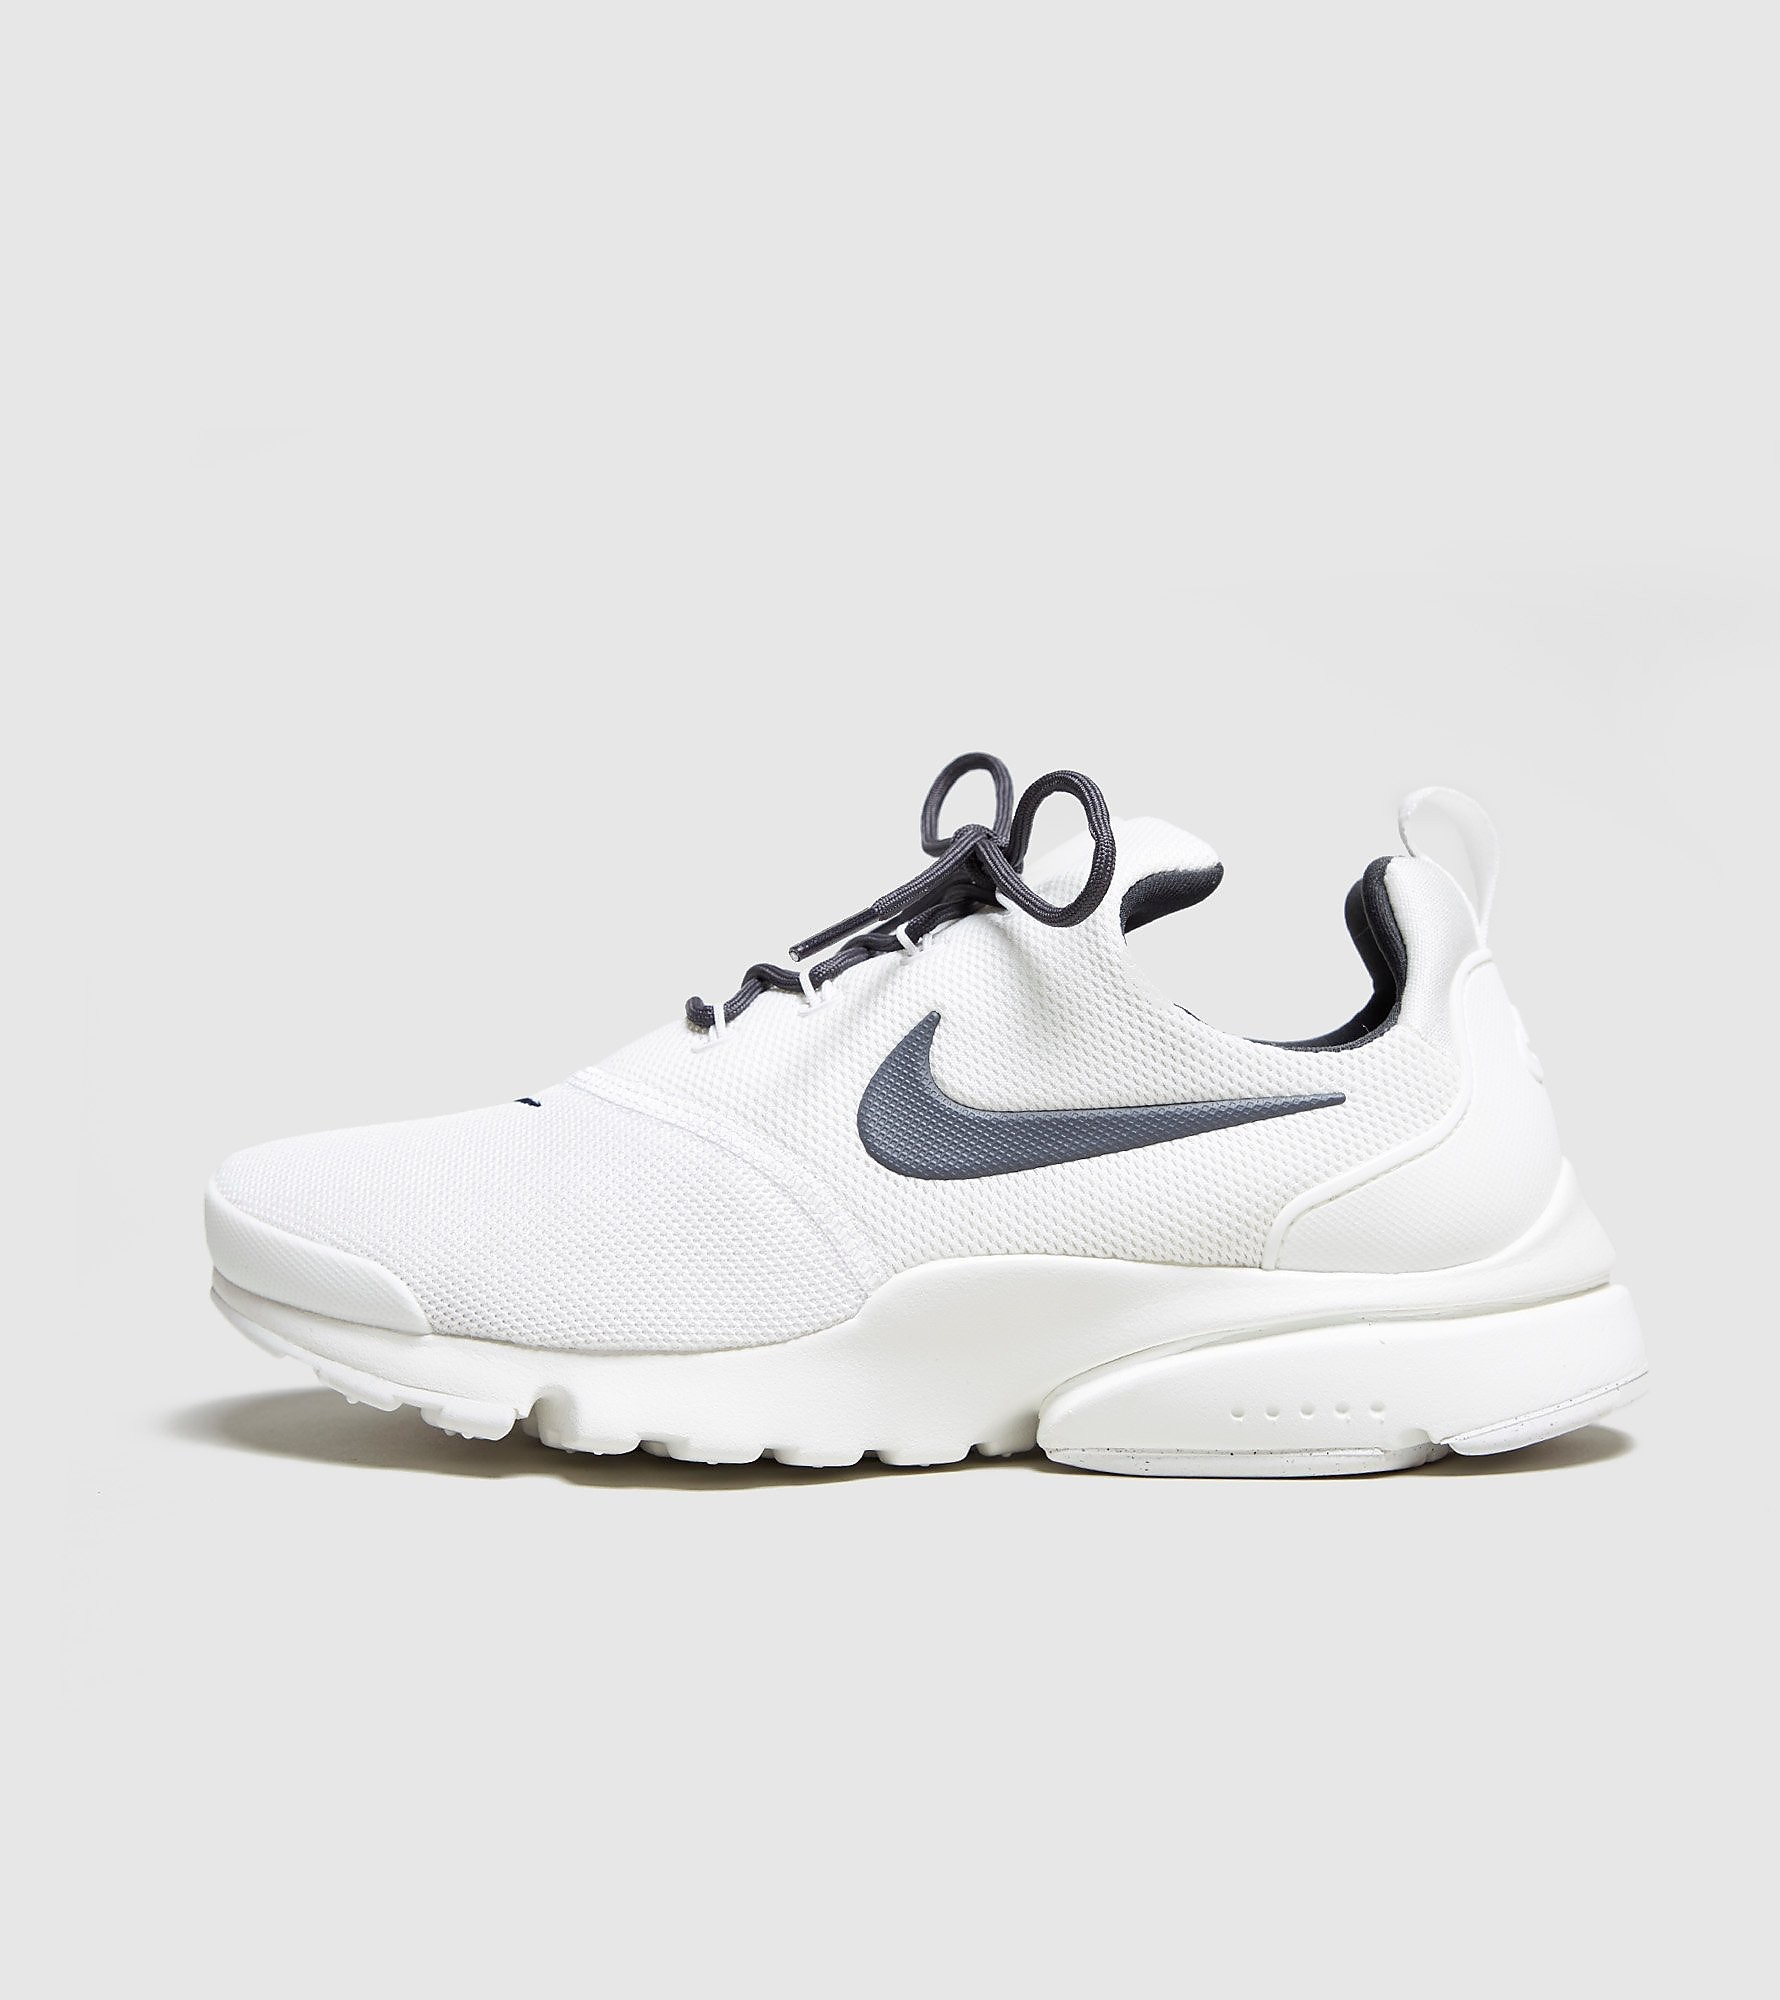 Nike Presto Fly Femme